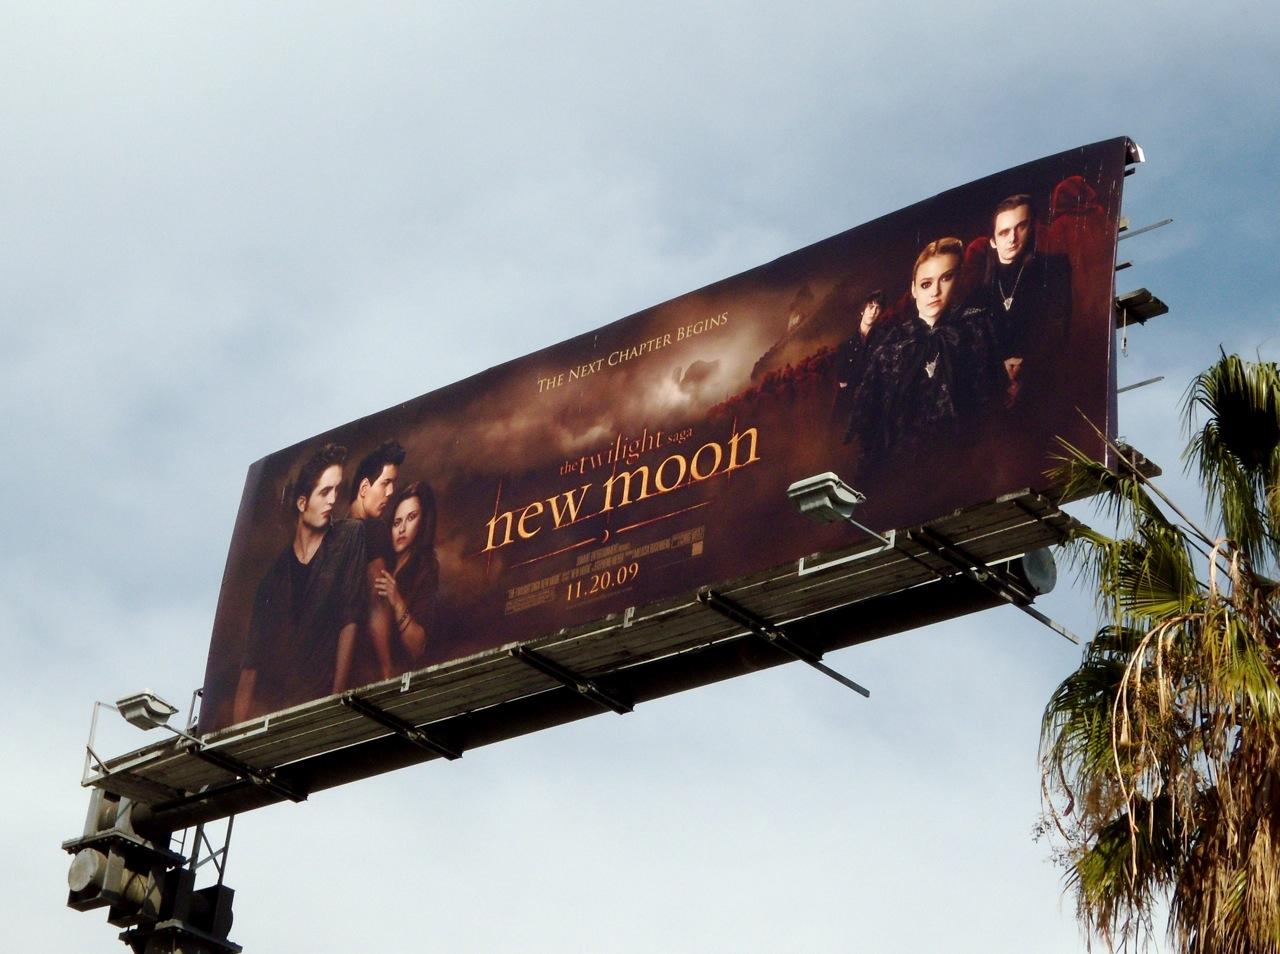 http://3.bp.blogspot.com/-elwRVtlcStU/UIr5LoITC5I/AAAAAAAA2xA/BejnerJaWag/s1600/twilight+new+moon+billboard.jpg